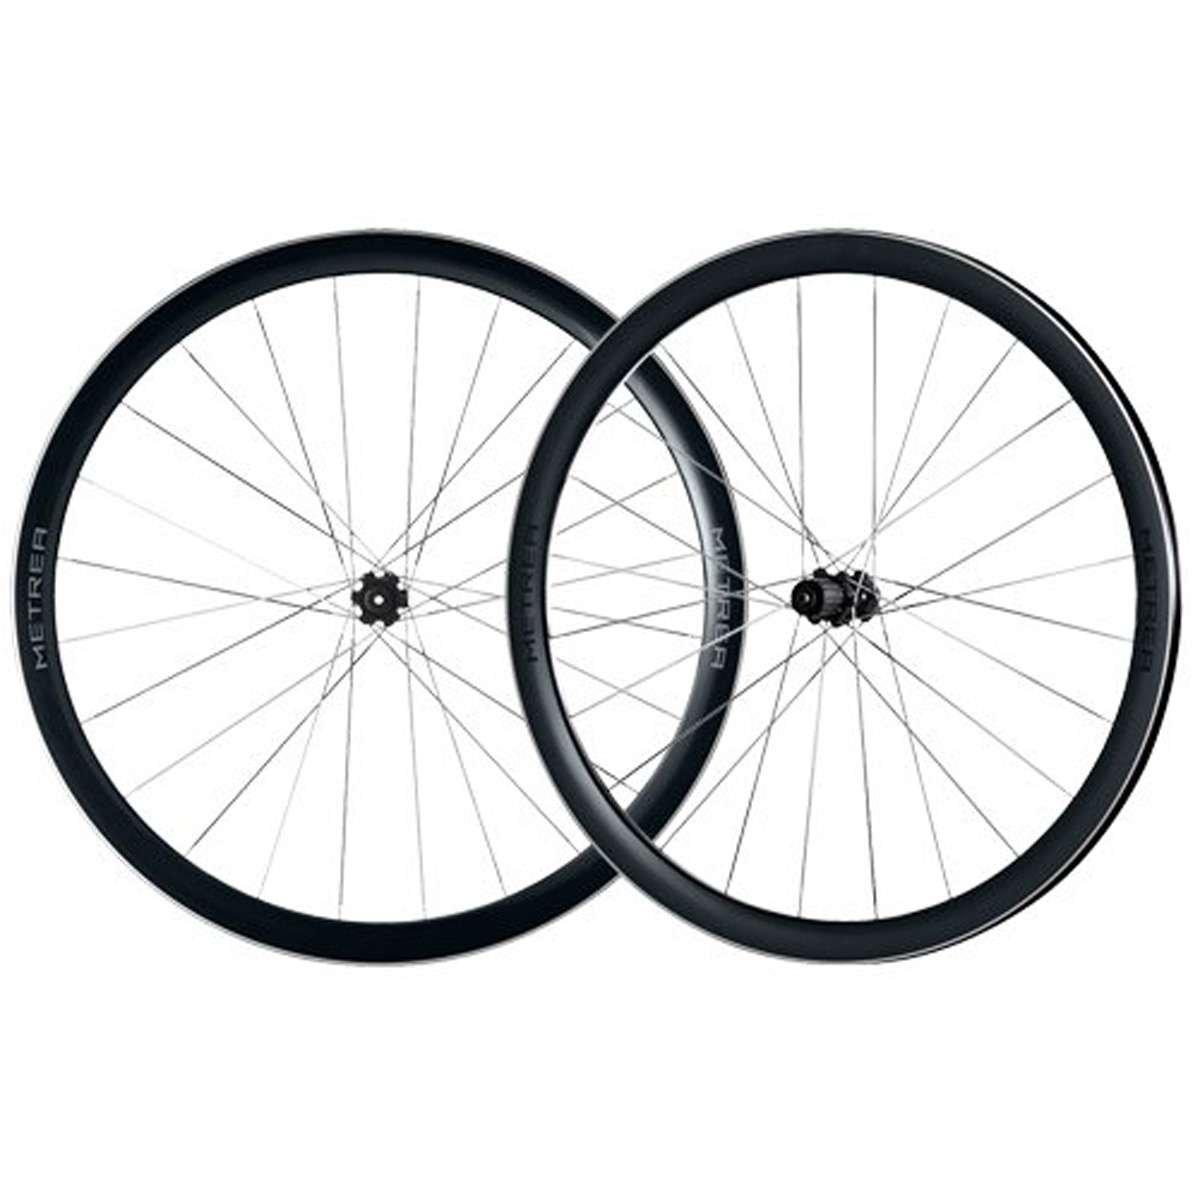 Shimano metrea Centerlockロード自転車ホイールセット – wh-u5000 – ewhu5000p12d   B071LHH3ZL